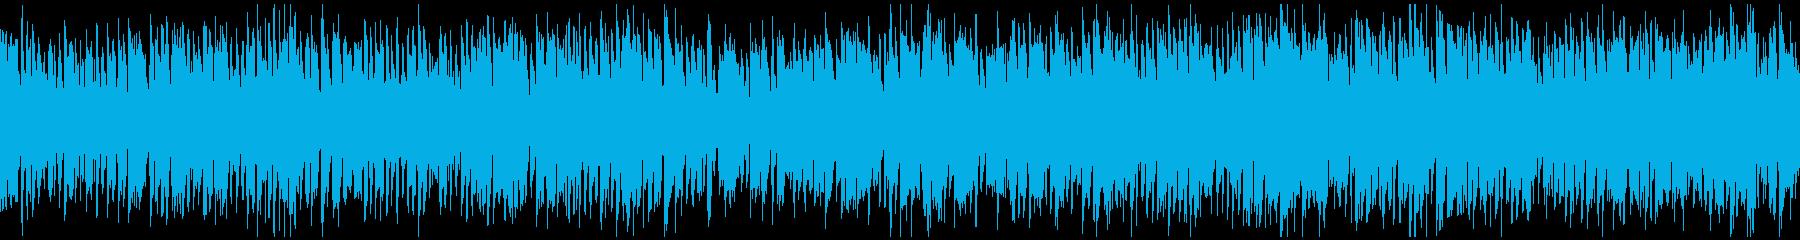 コミカル軽快リコーダー ※ループ仕様版の再生済みの波形